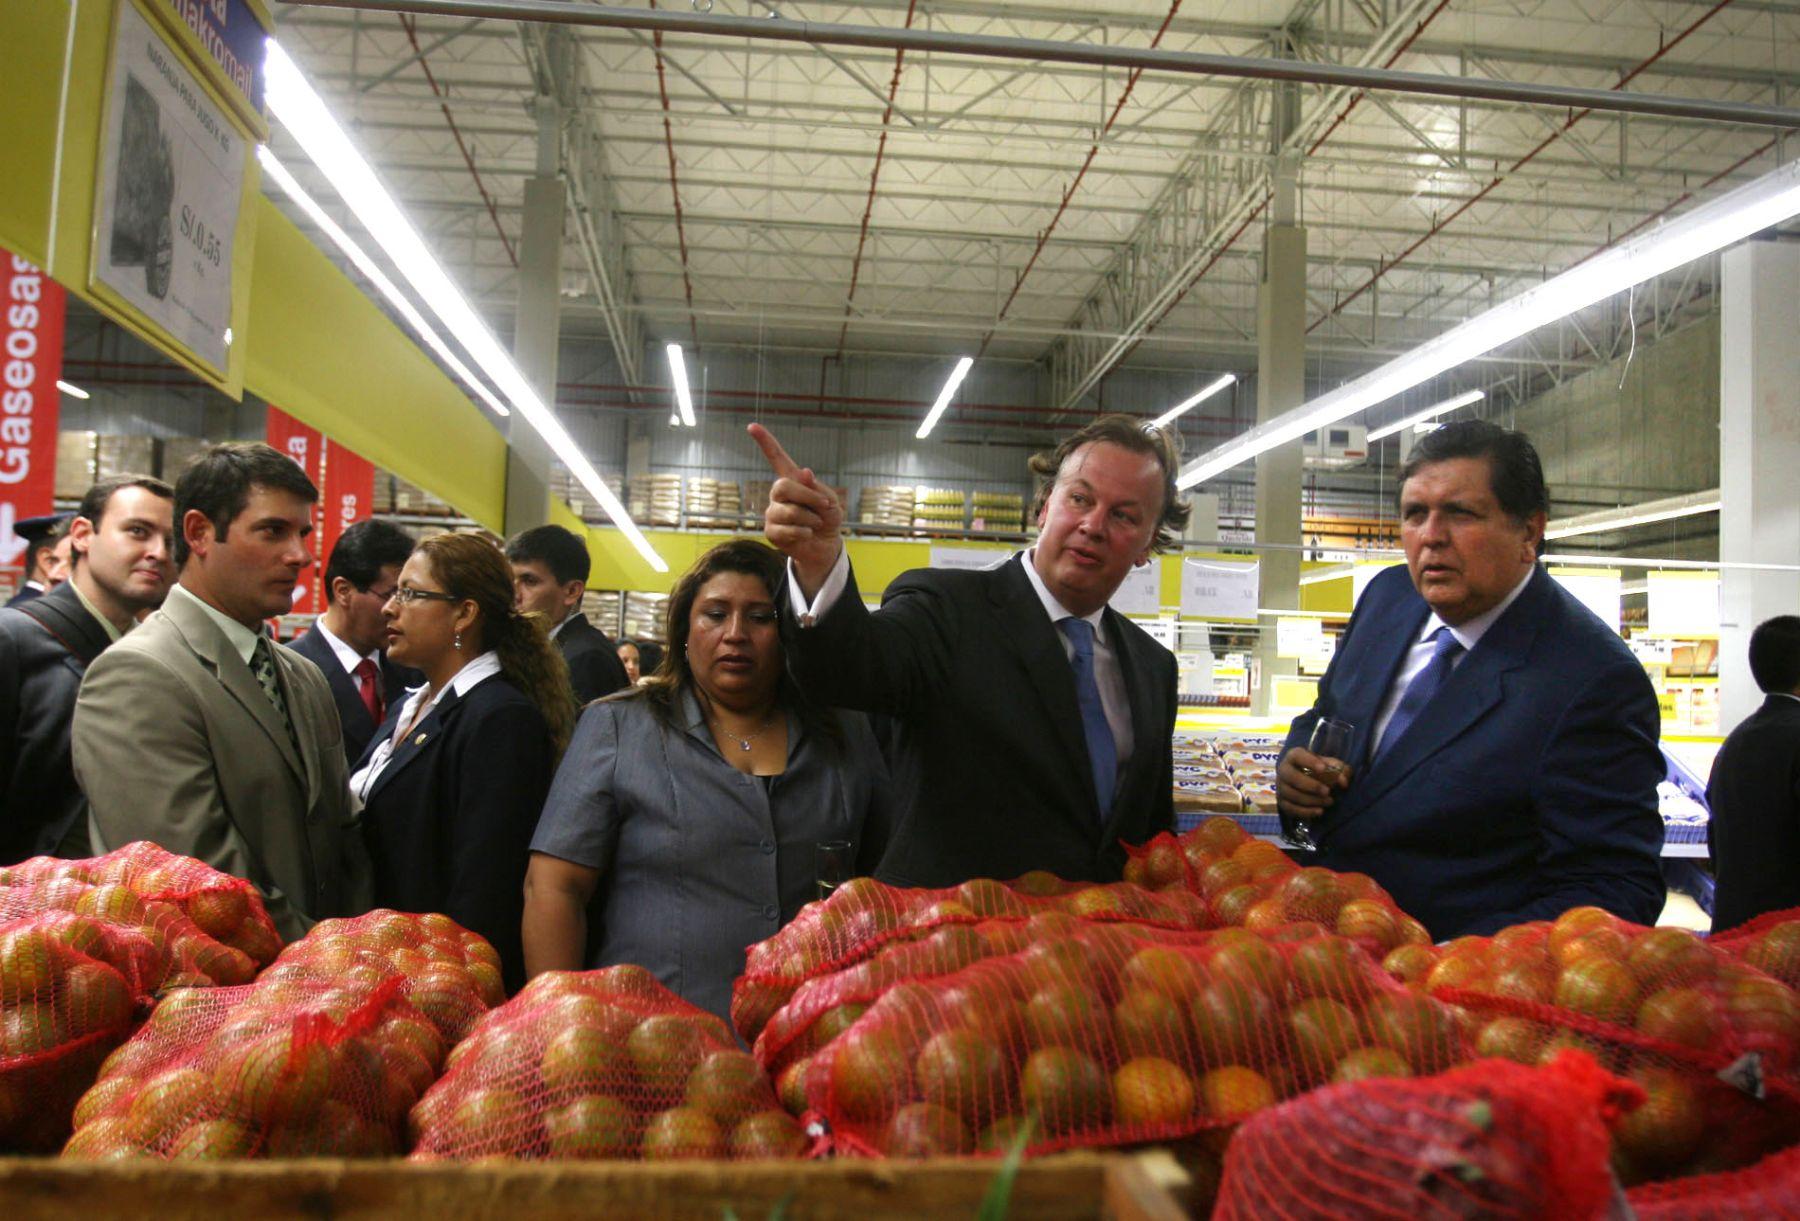 Presidente de la República,  Alan García, participa de la inauguración de tienda Makro en Santa Anita. Foto: ANDINA/Vidal Tarqui